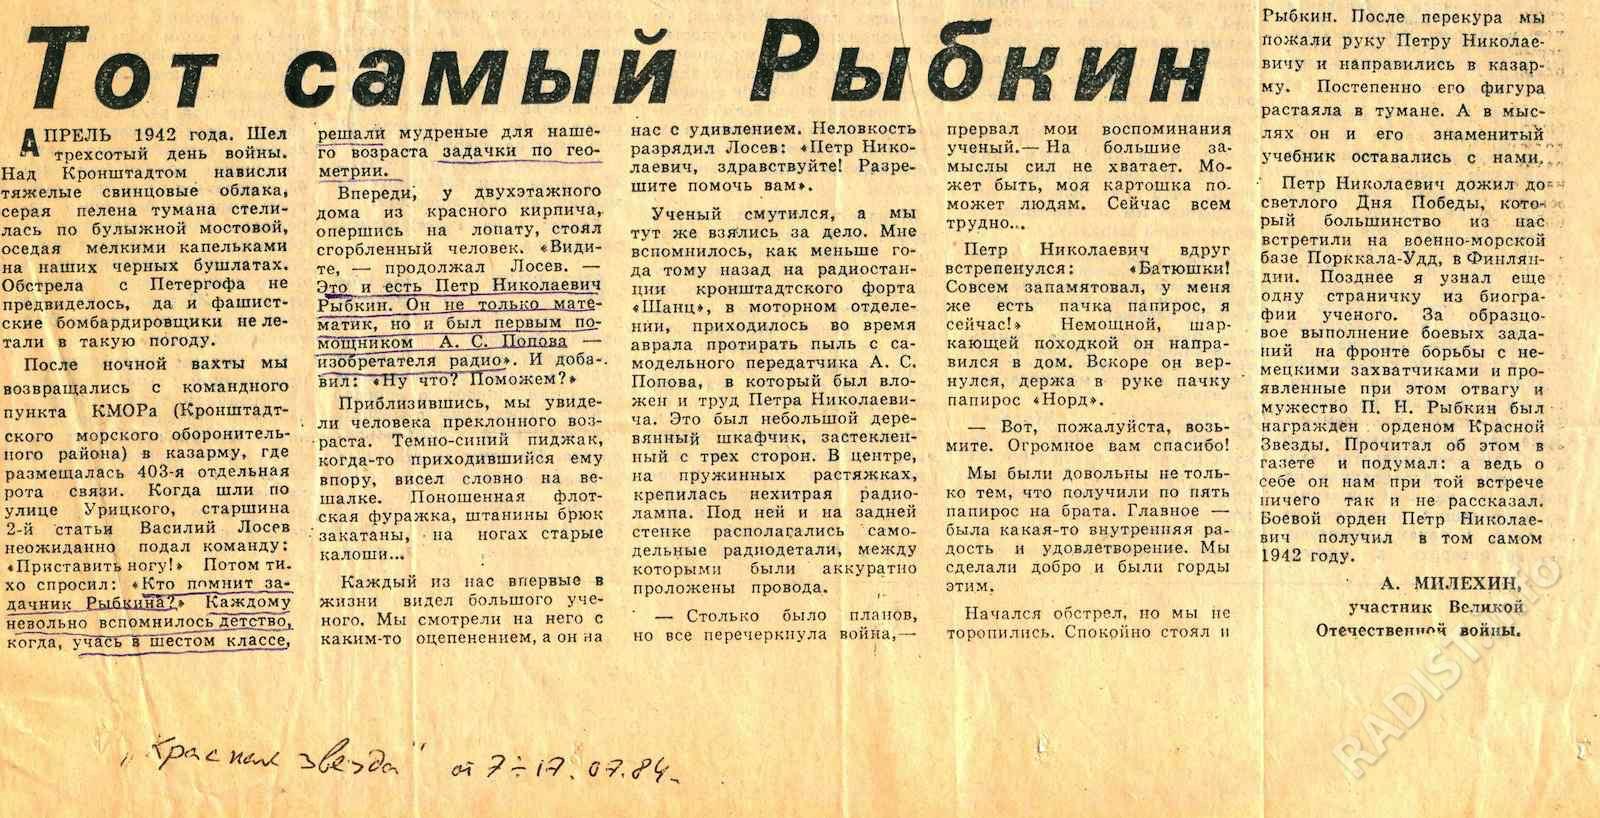 Статья «Тот самый Рыбкин» в газете «Красная Звезда» от 17.07.1984 года